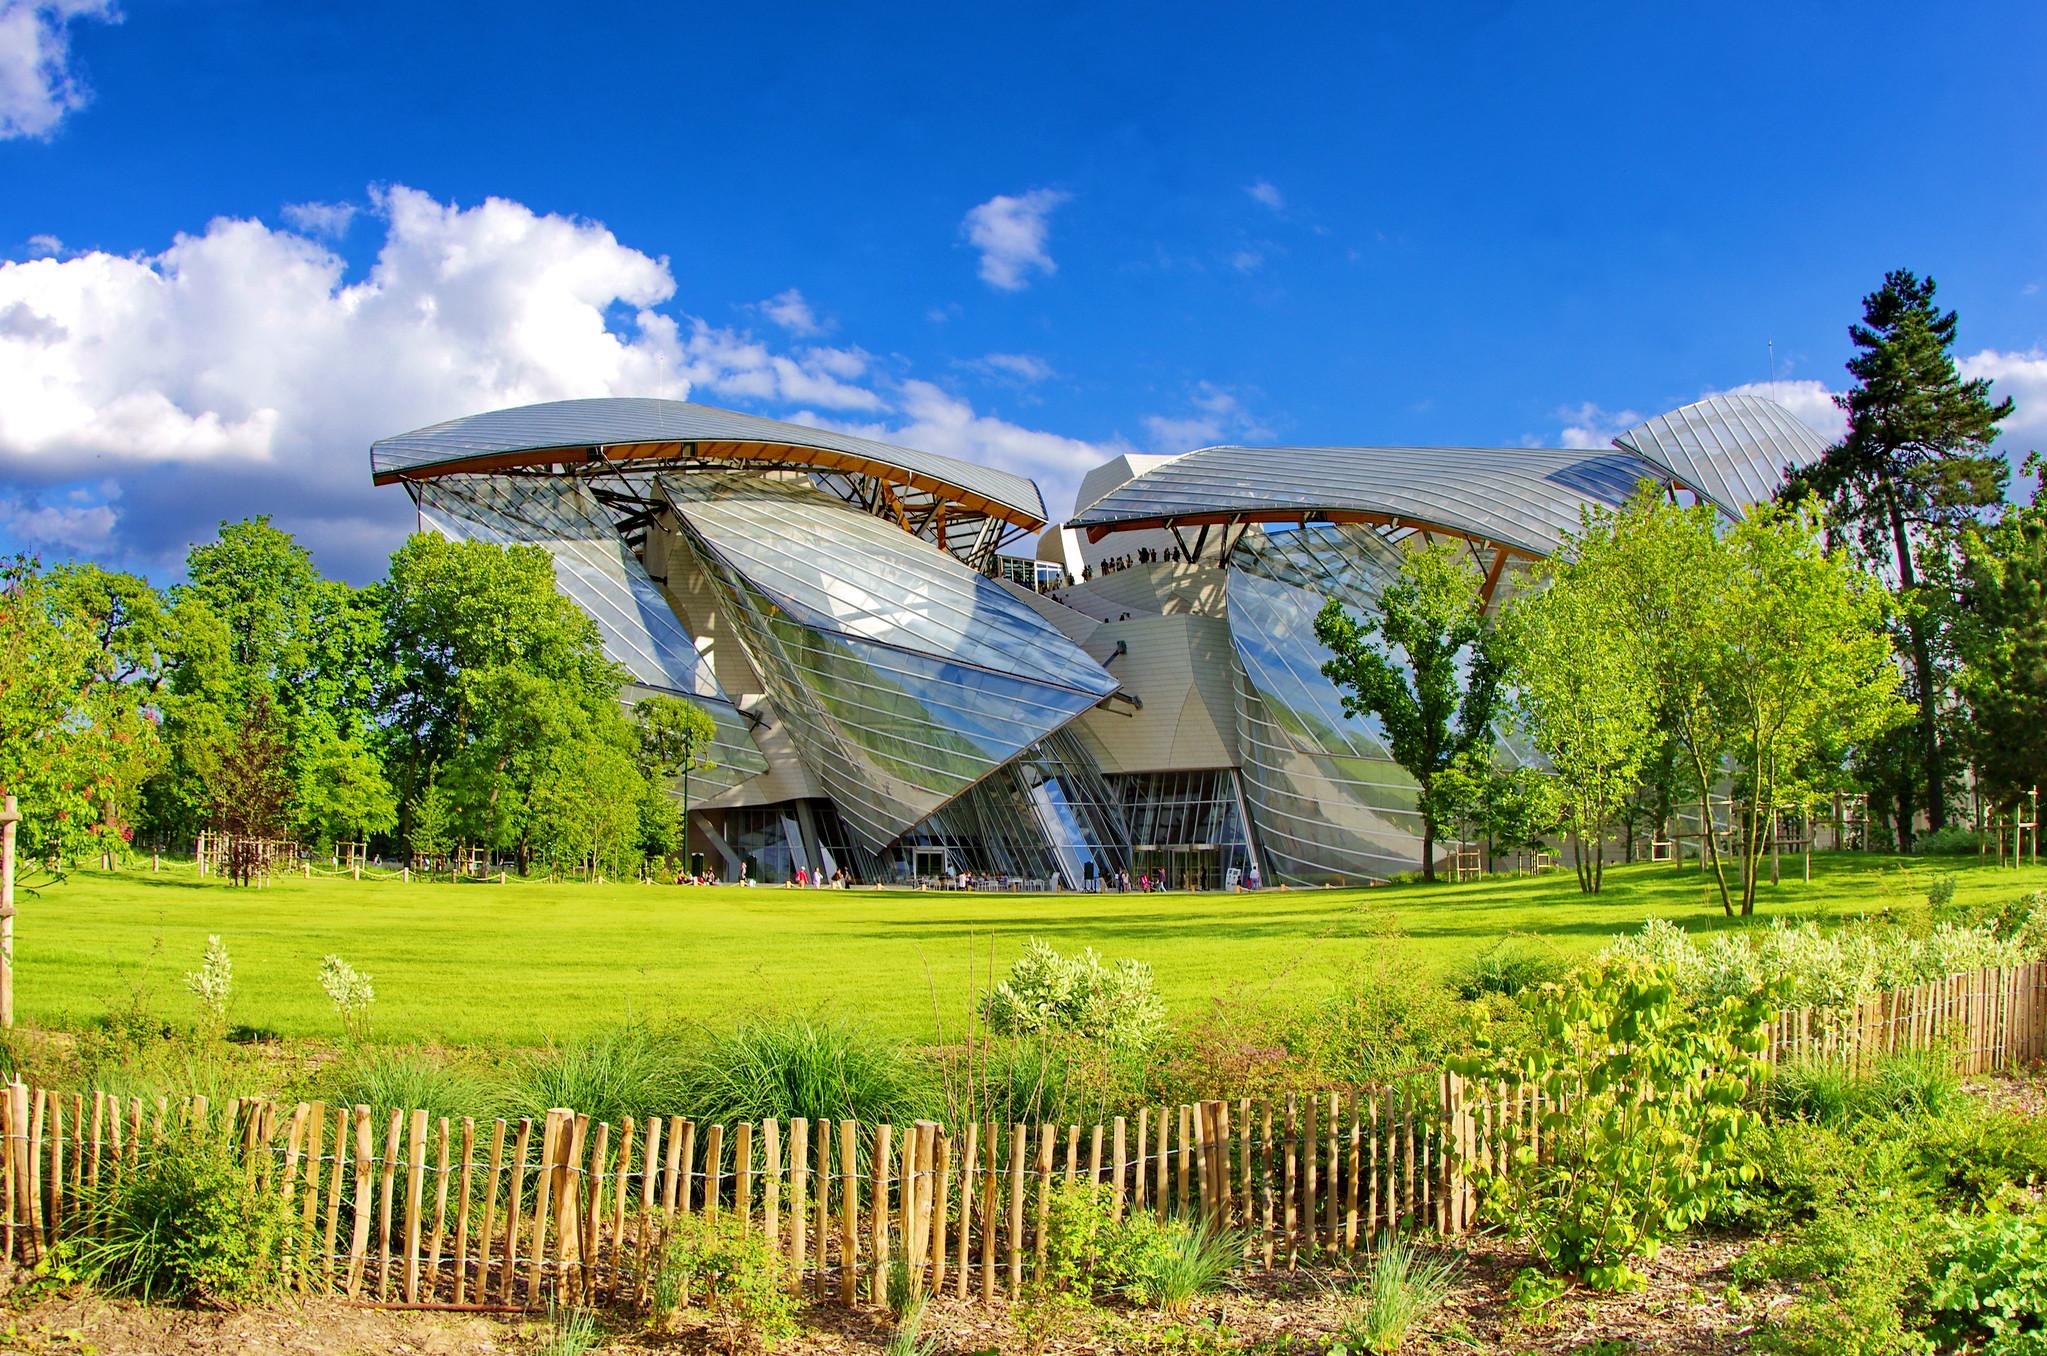 Paris le jardin d 39 acclimatation et la fondation lvmh 06 flickr photo sharing - Le jardin d acclimatation paris ...